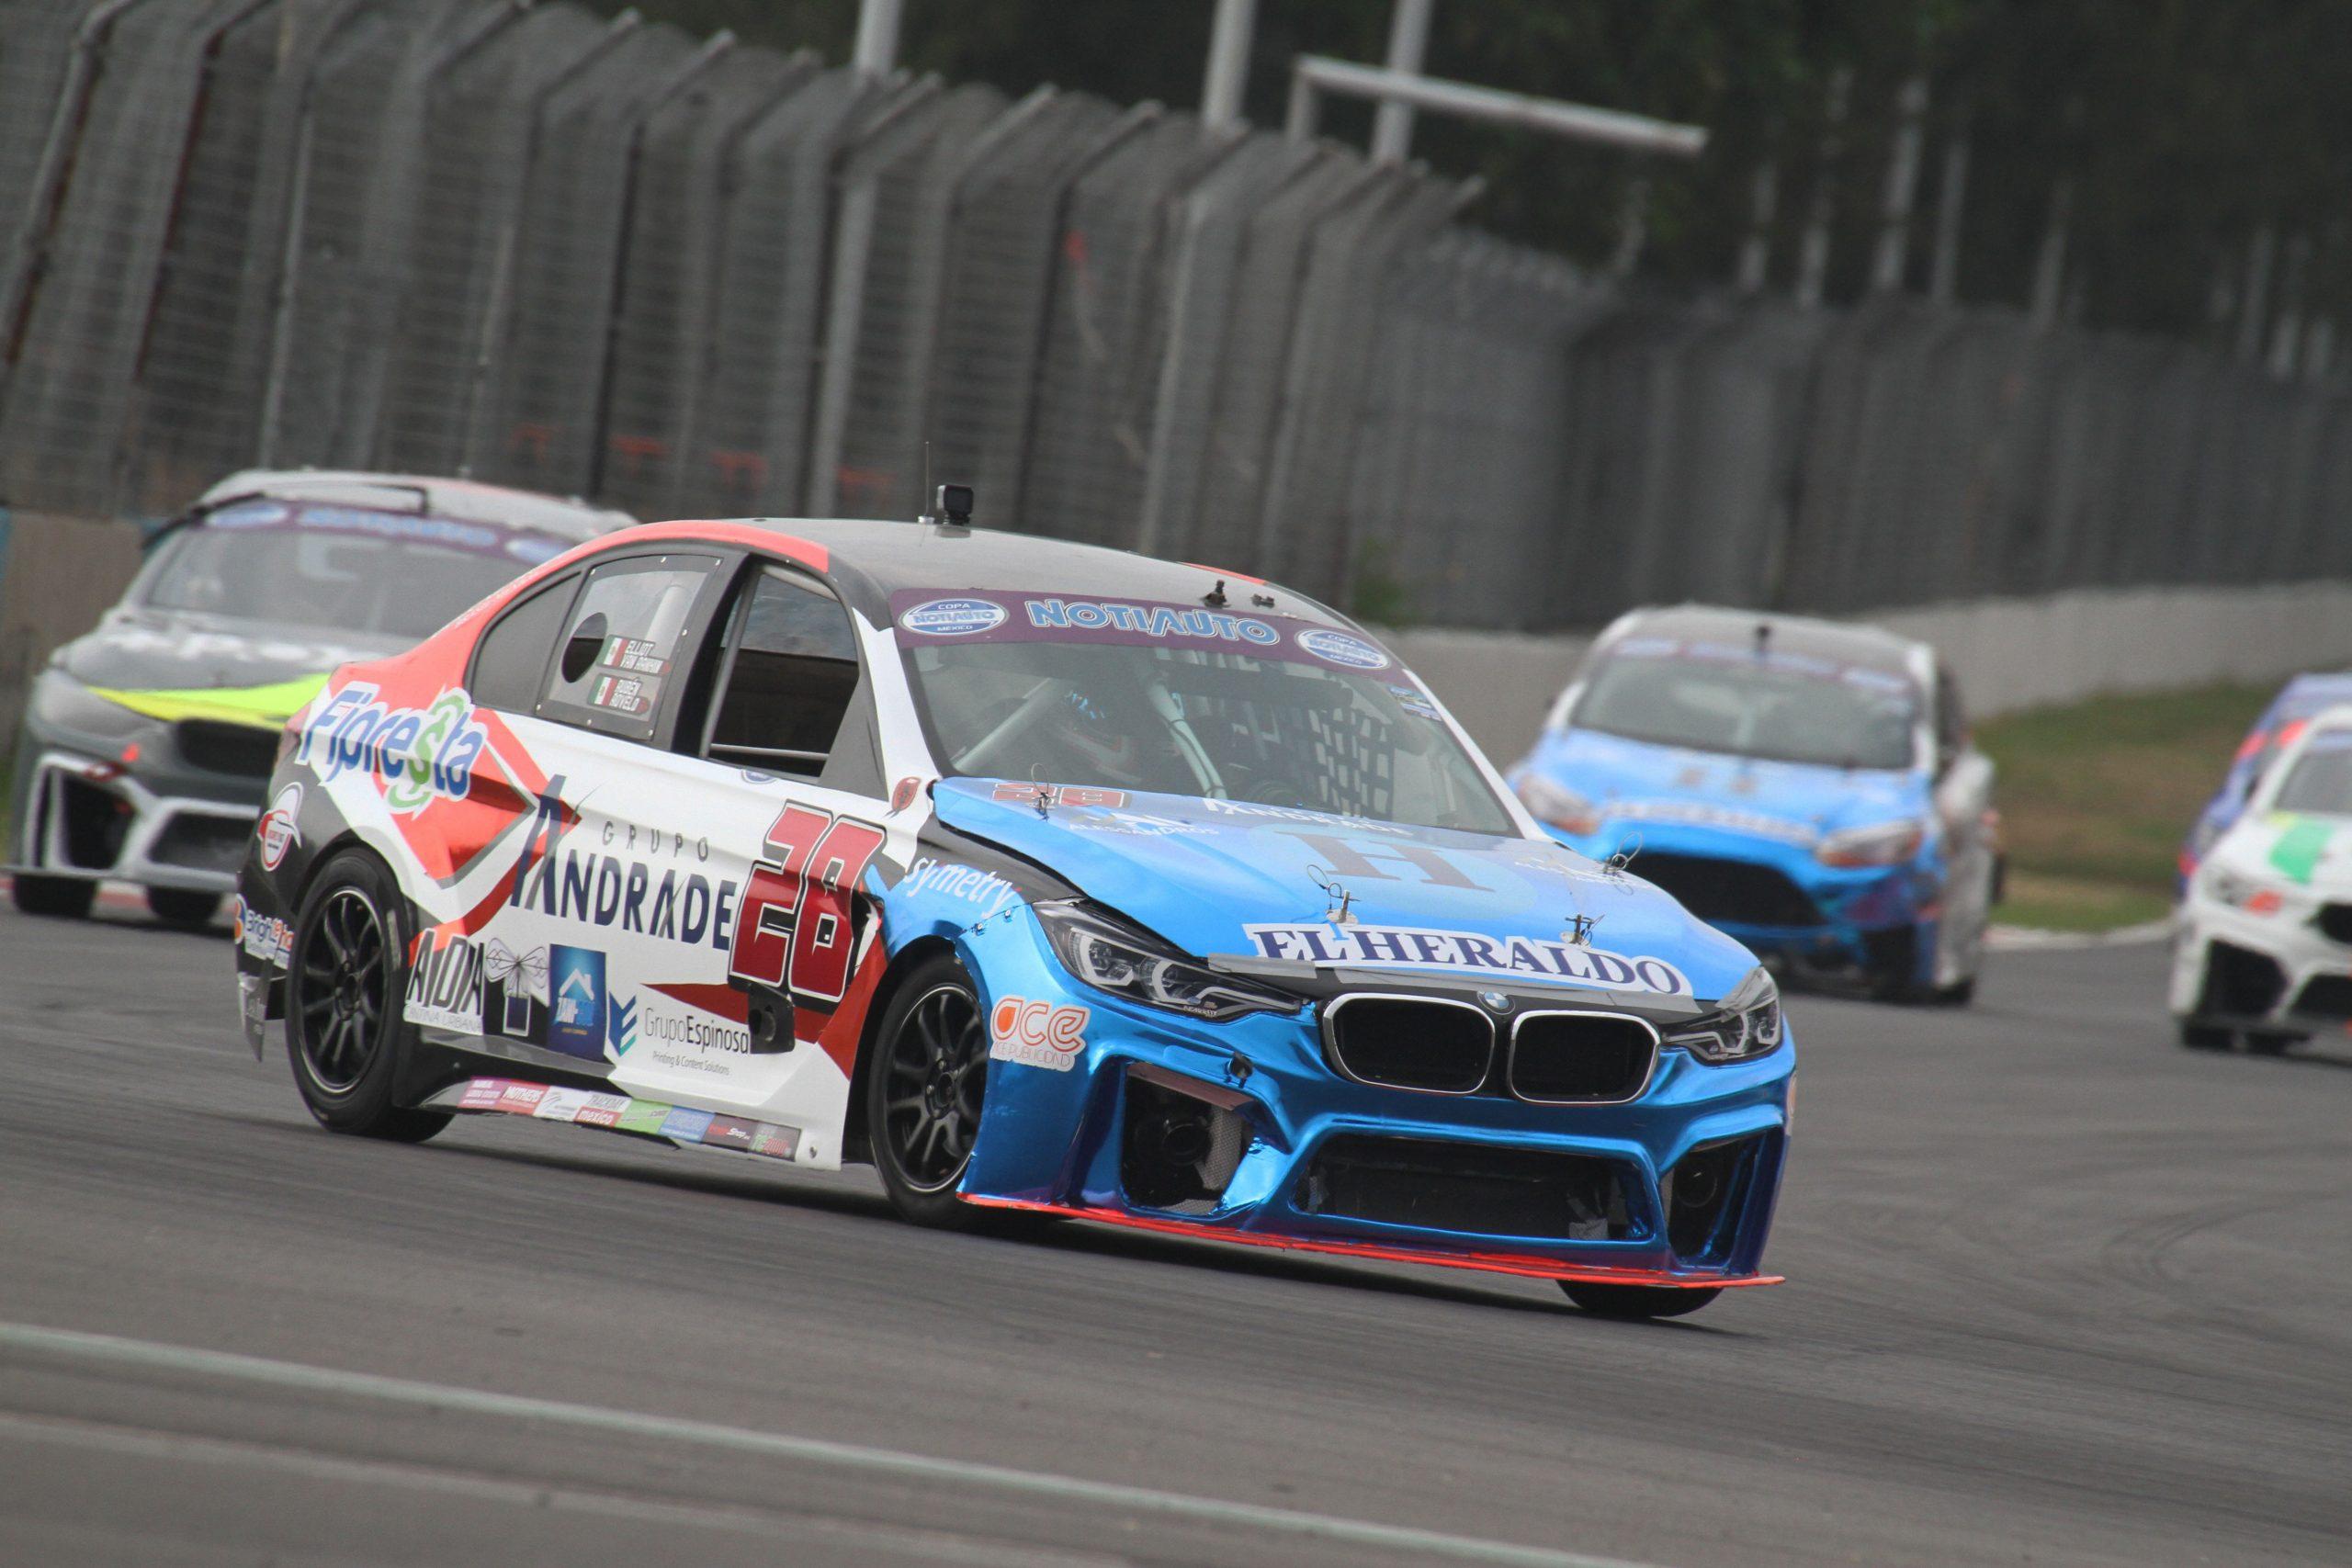 Alessandros Racing a seguir haciendo historia en TC2000